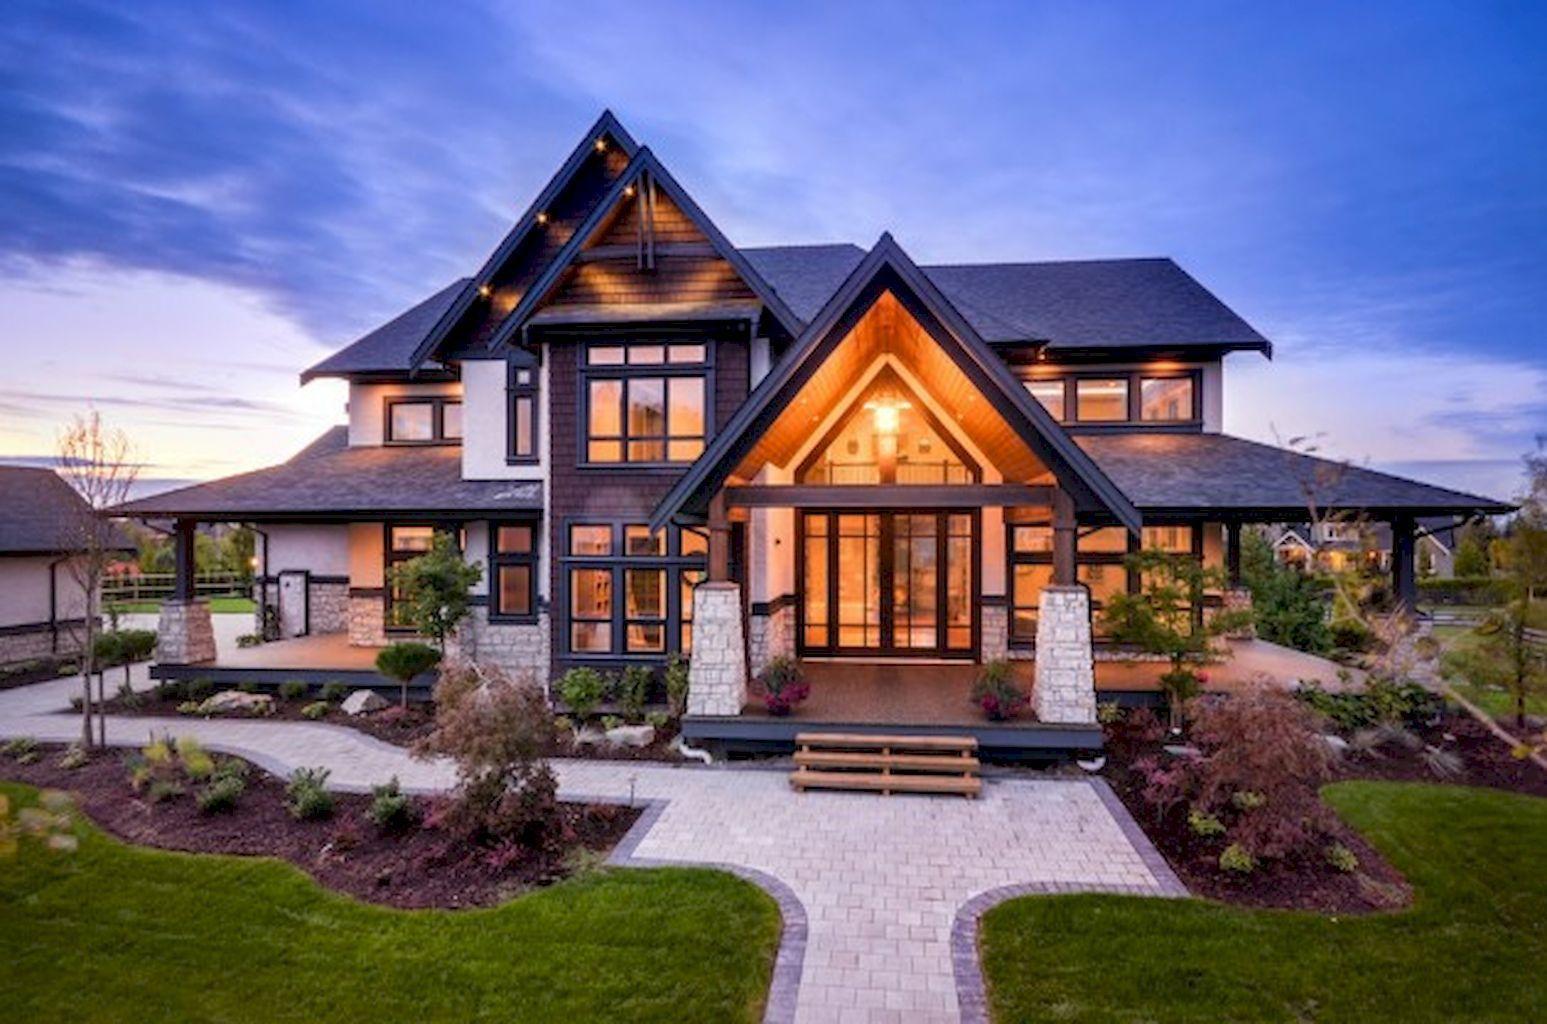 Aesthetic farmhouse exteriors design ideas (19 House